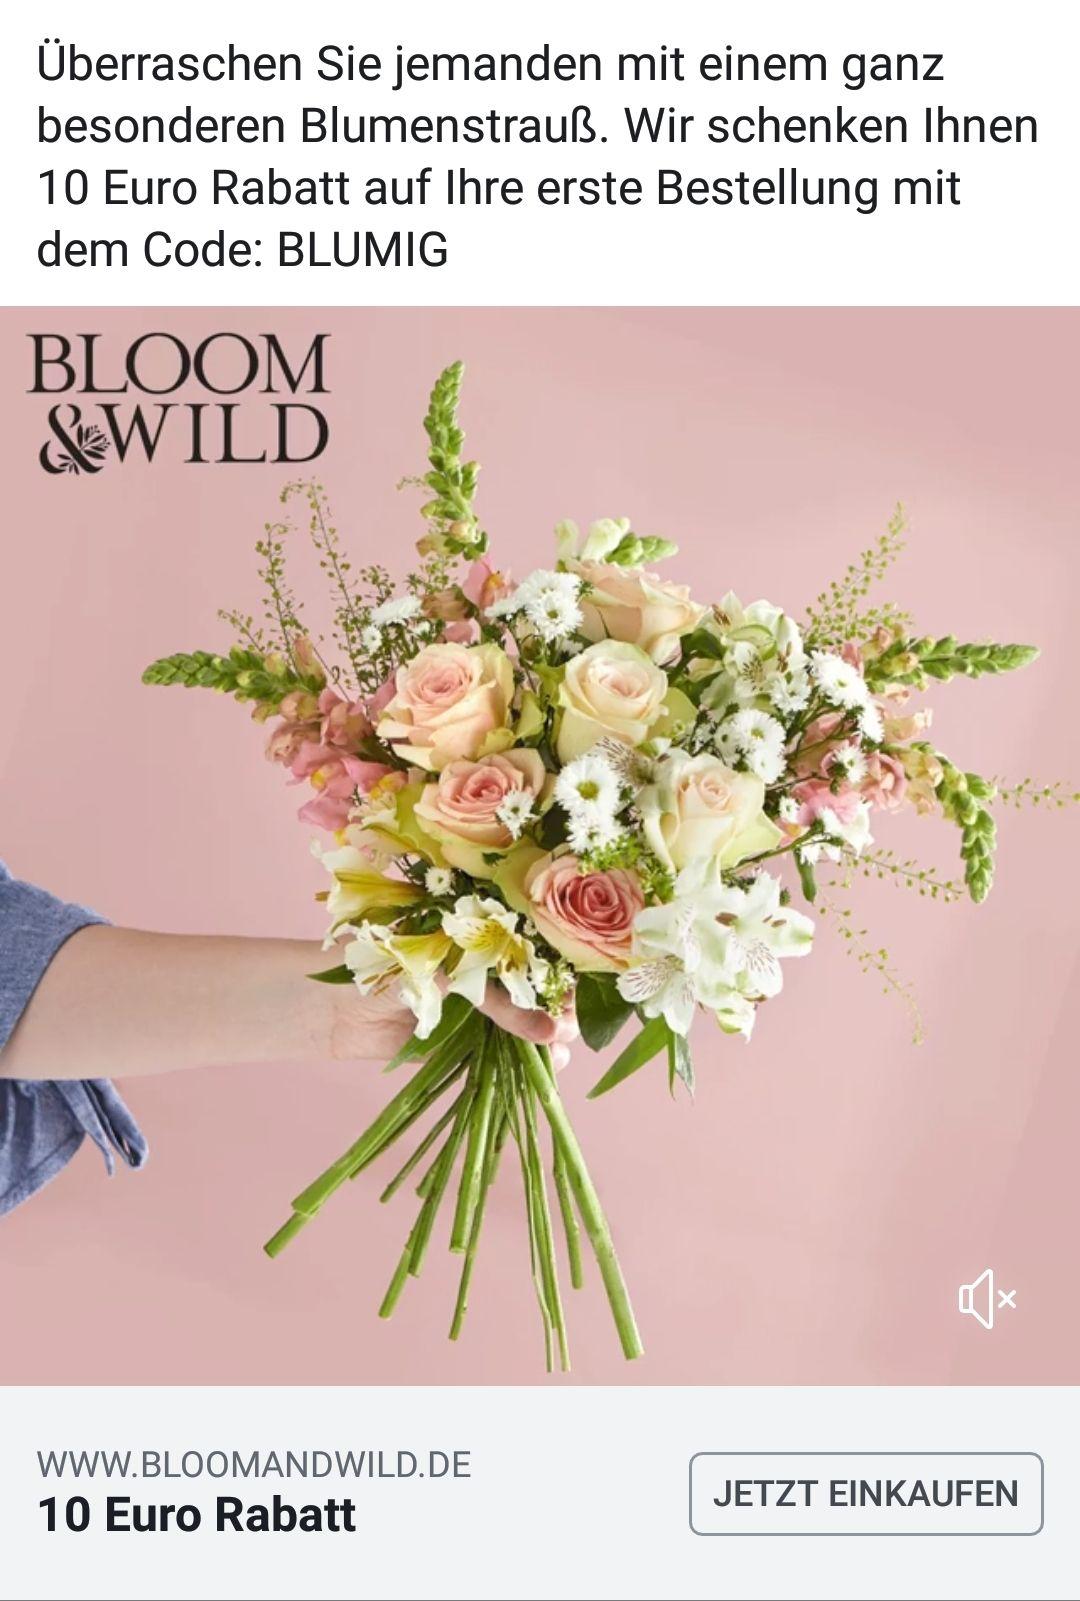 [Bloom and wild] Blumen: 10 Euro Rabatt für Neukunden